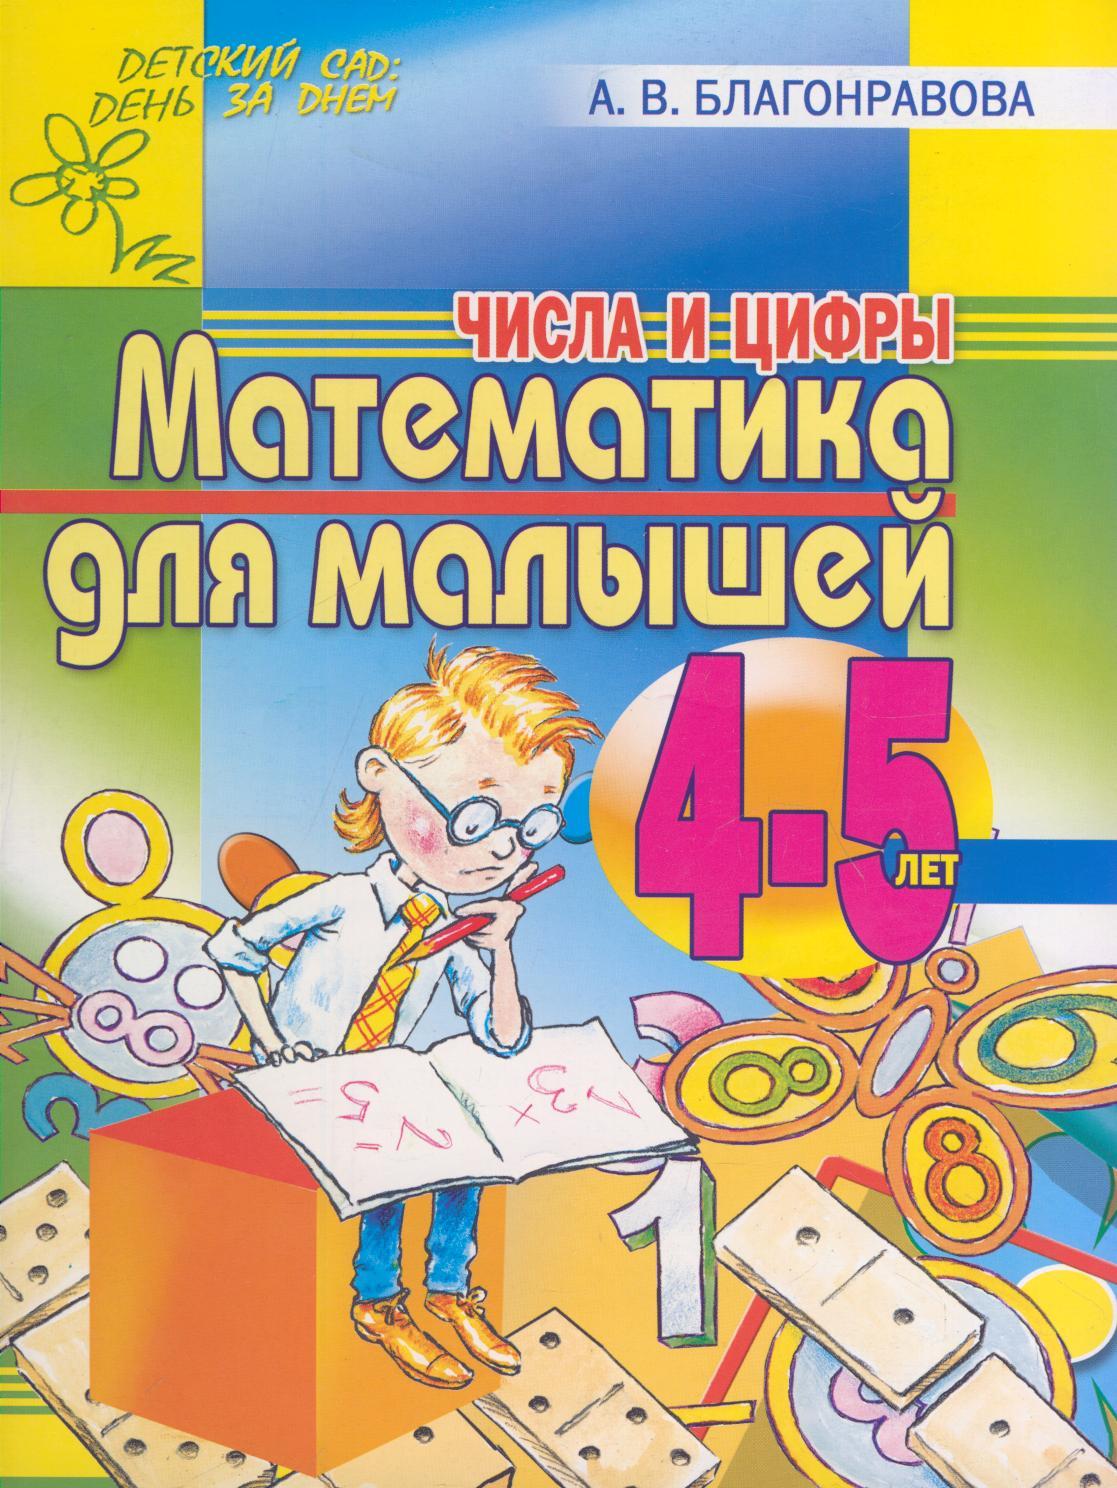 Математика для малышей 4-5 лет. Числа и цифры: Метод. пособие